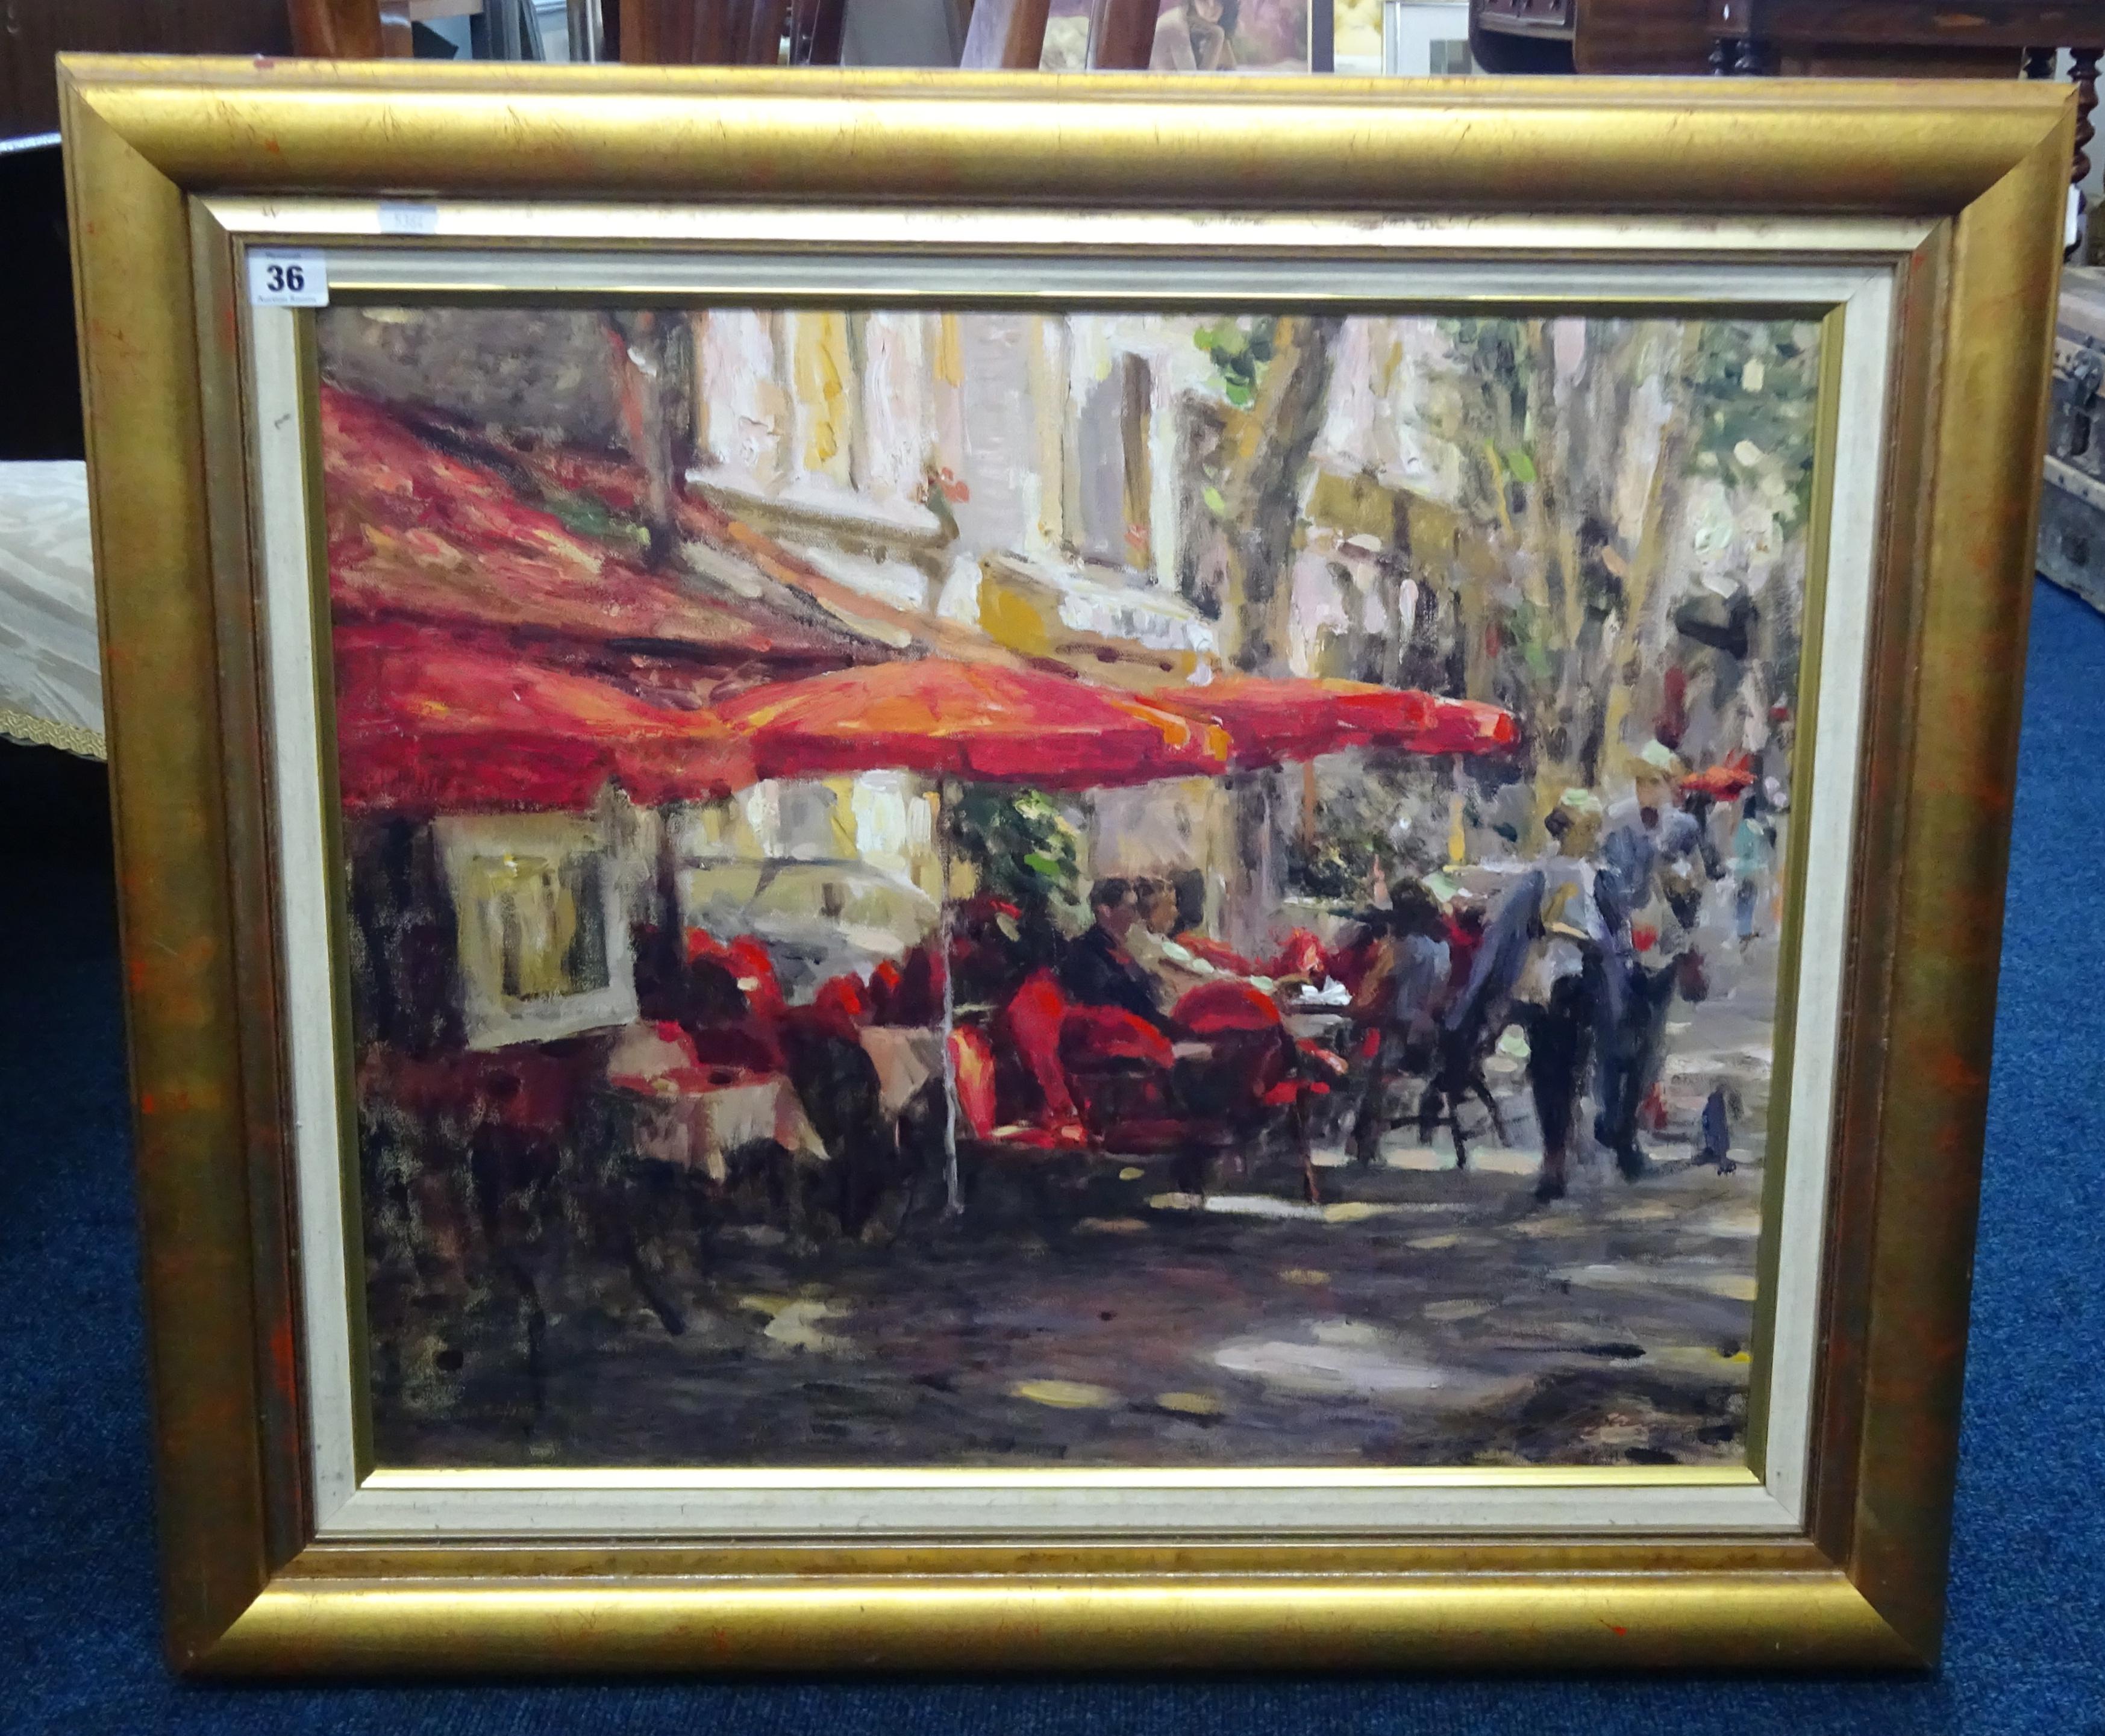 Lot 036 - Leonard Wren, limited edition embellished giclee 'Café au provenance', framed, 61cm x 50cm.